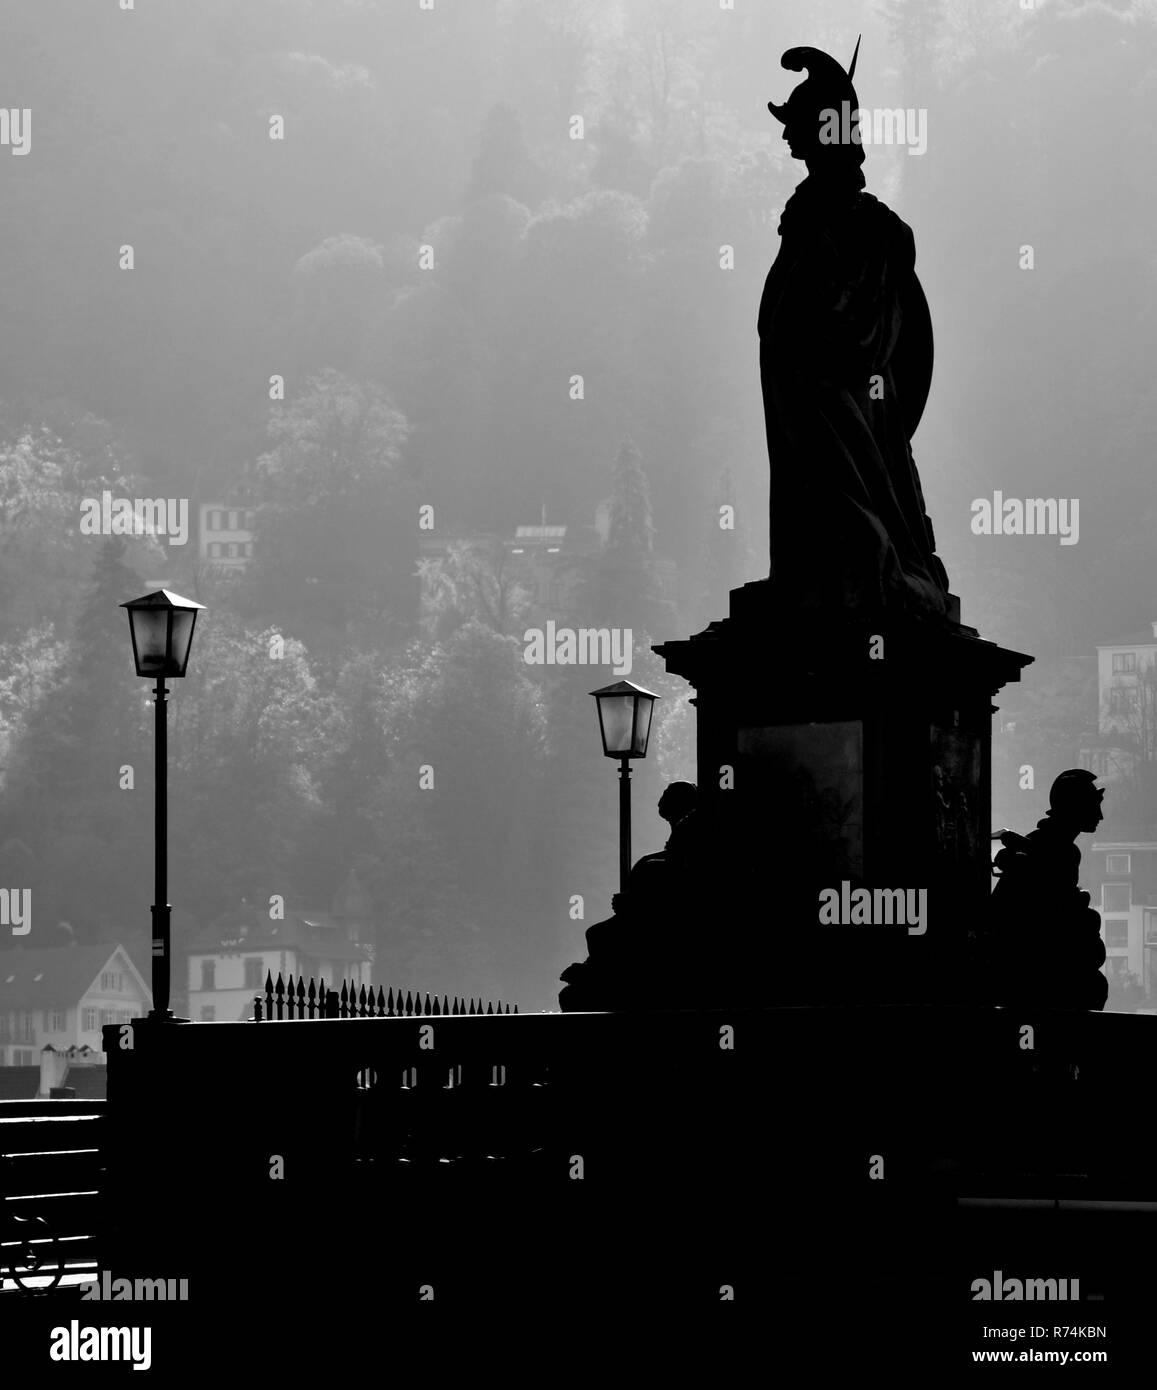 Escultura en el puente de contorno con lámparas Imagen De Stock